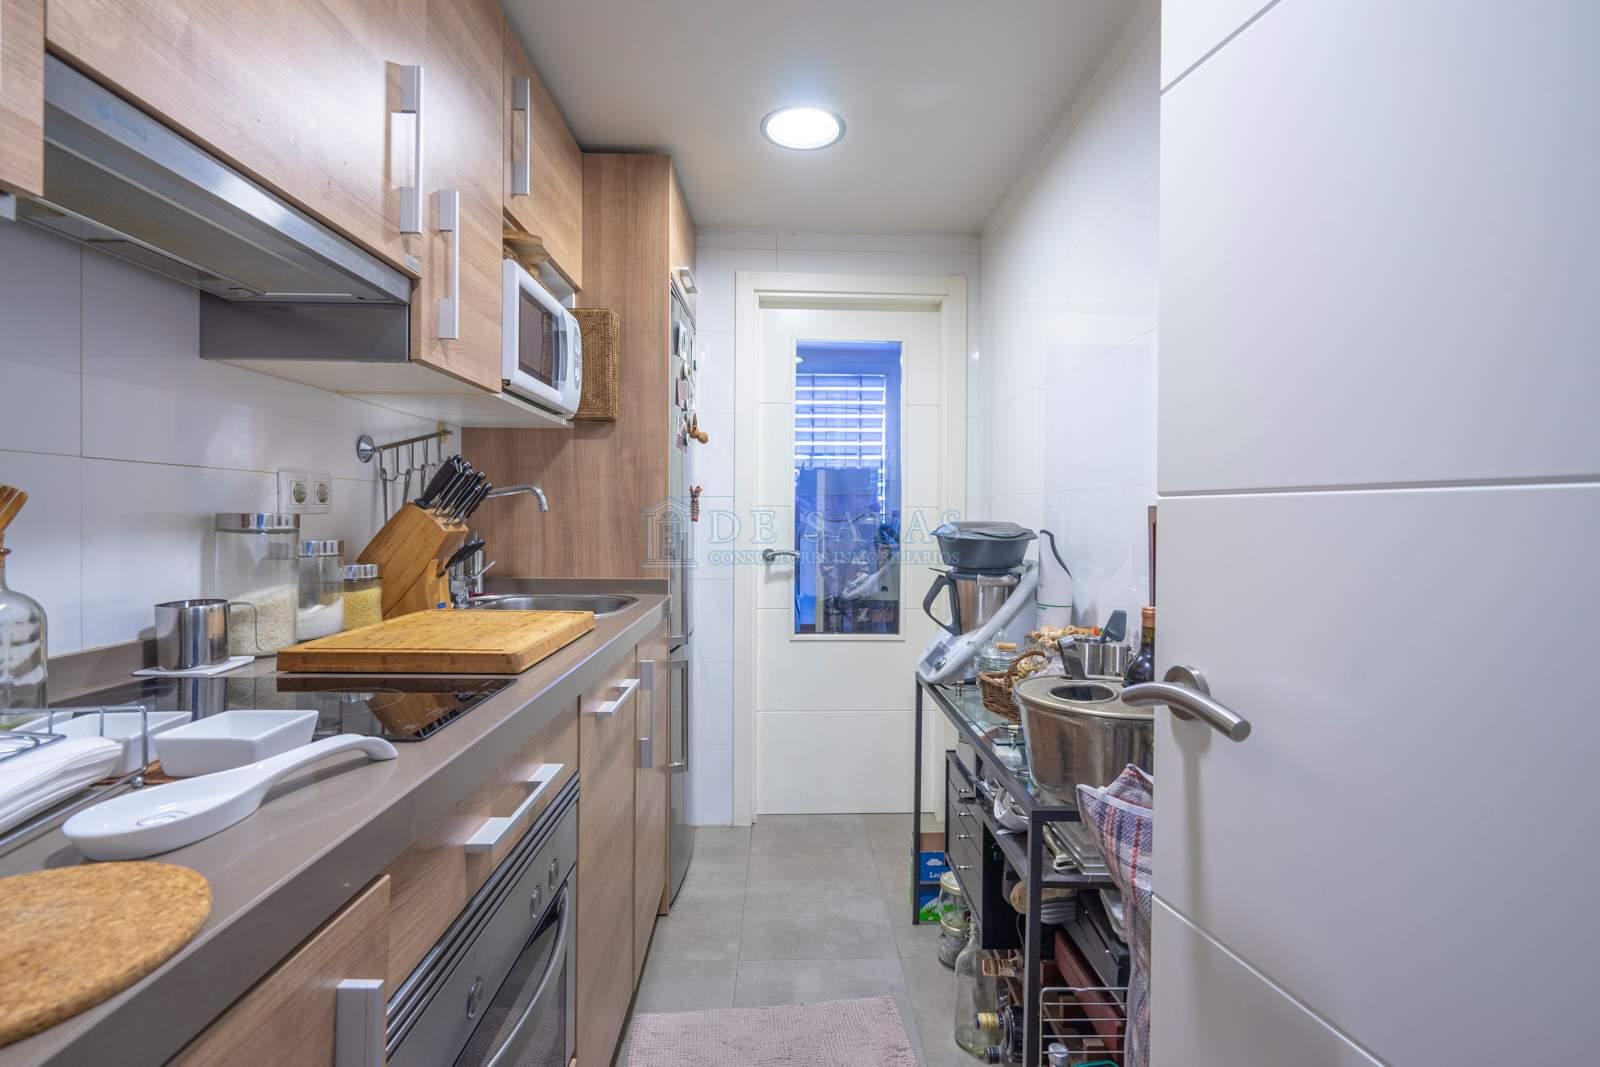 06 Appartement Arturo Soria